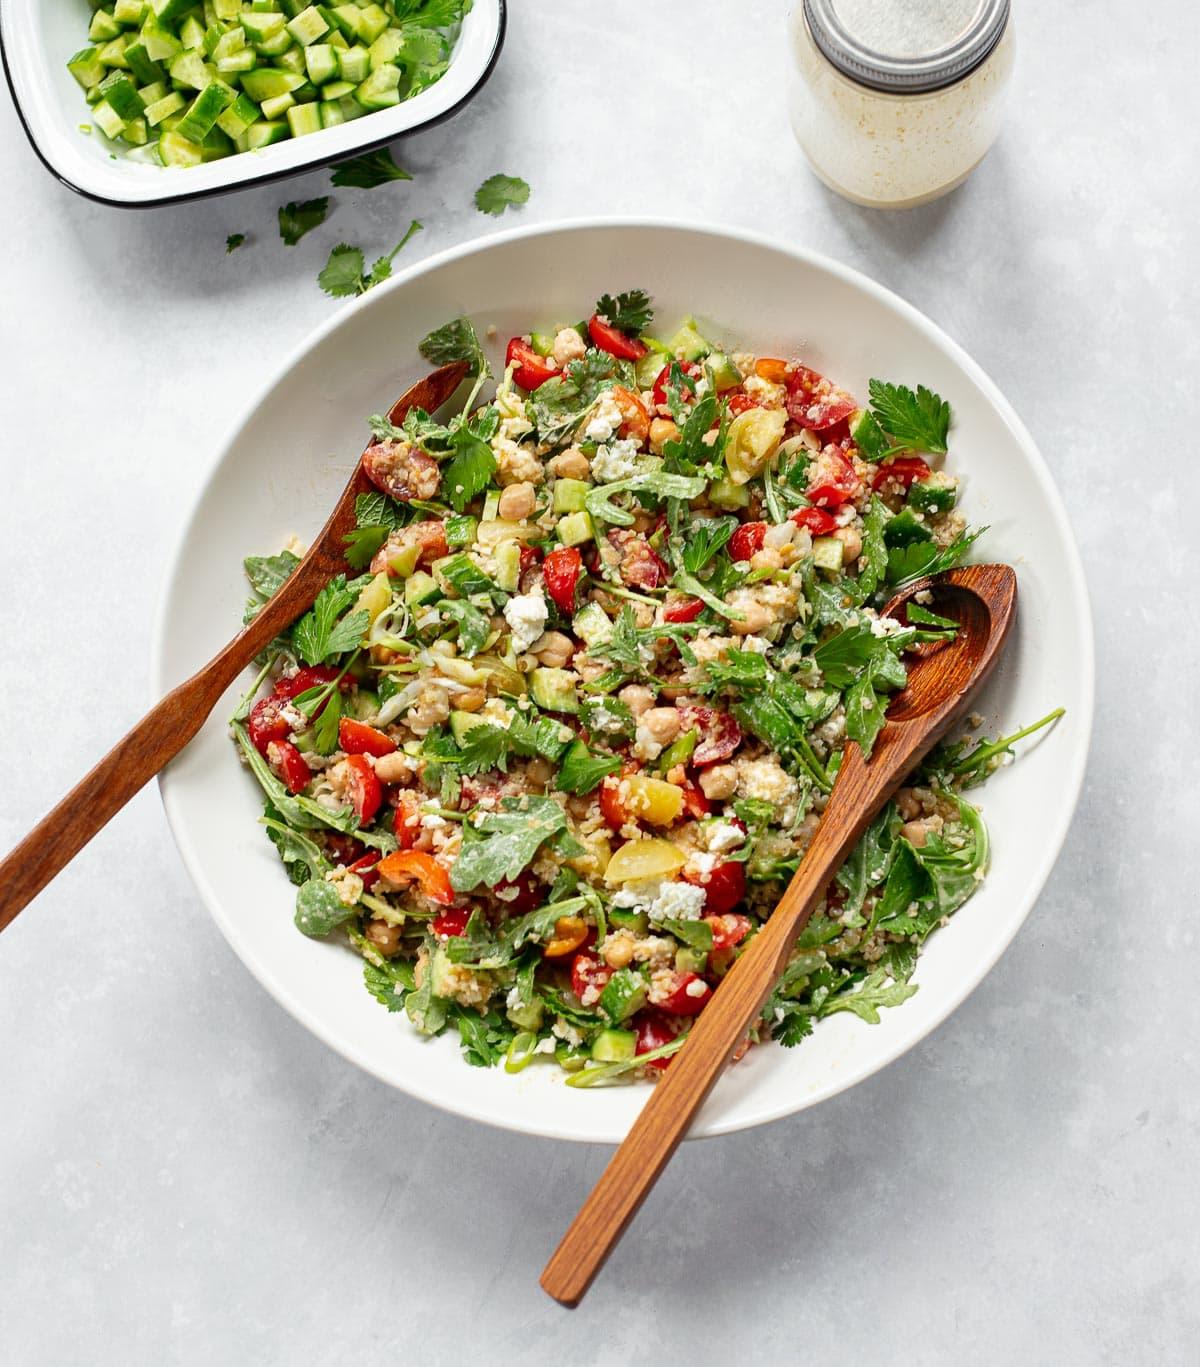 Mediterranean Vegetable Tabbouleh Salad